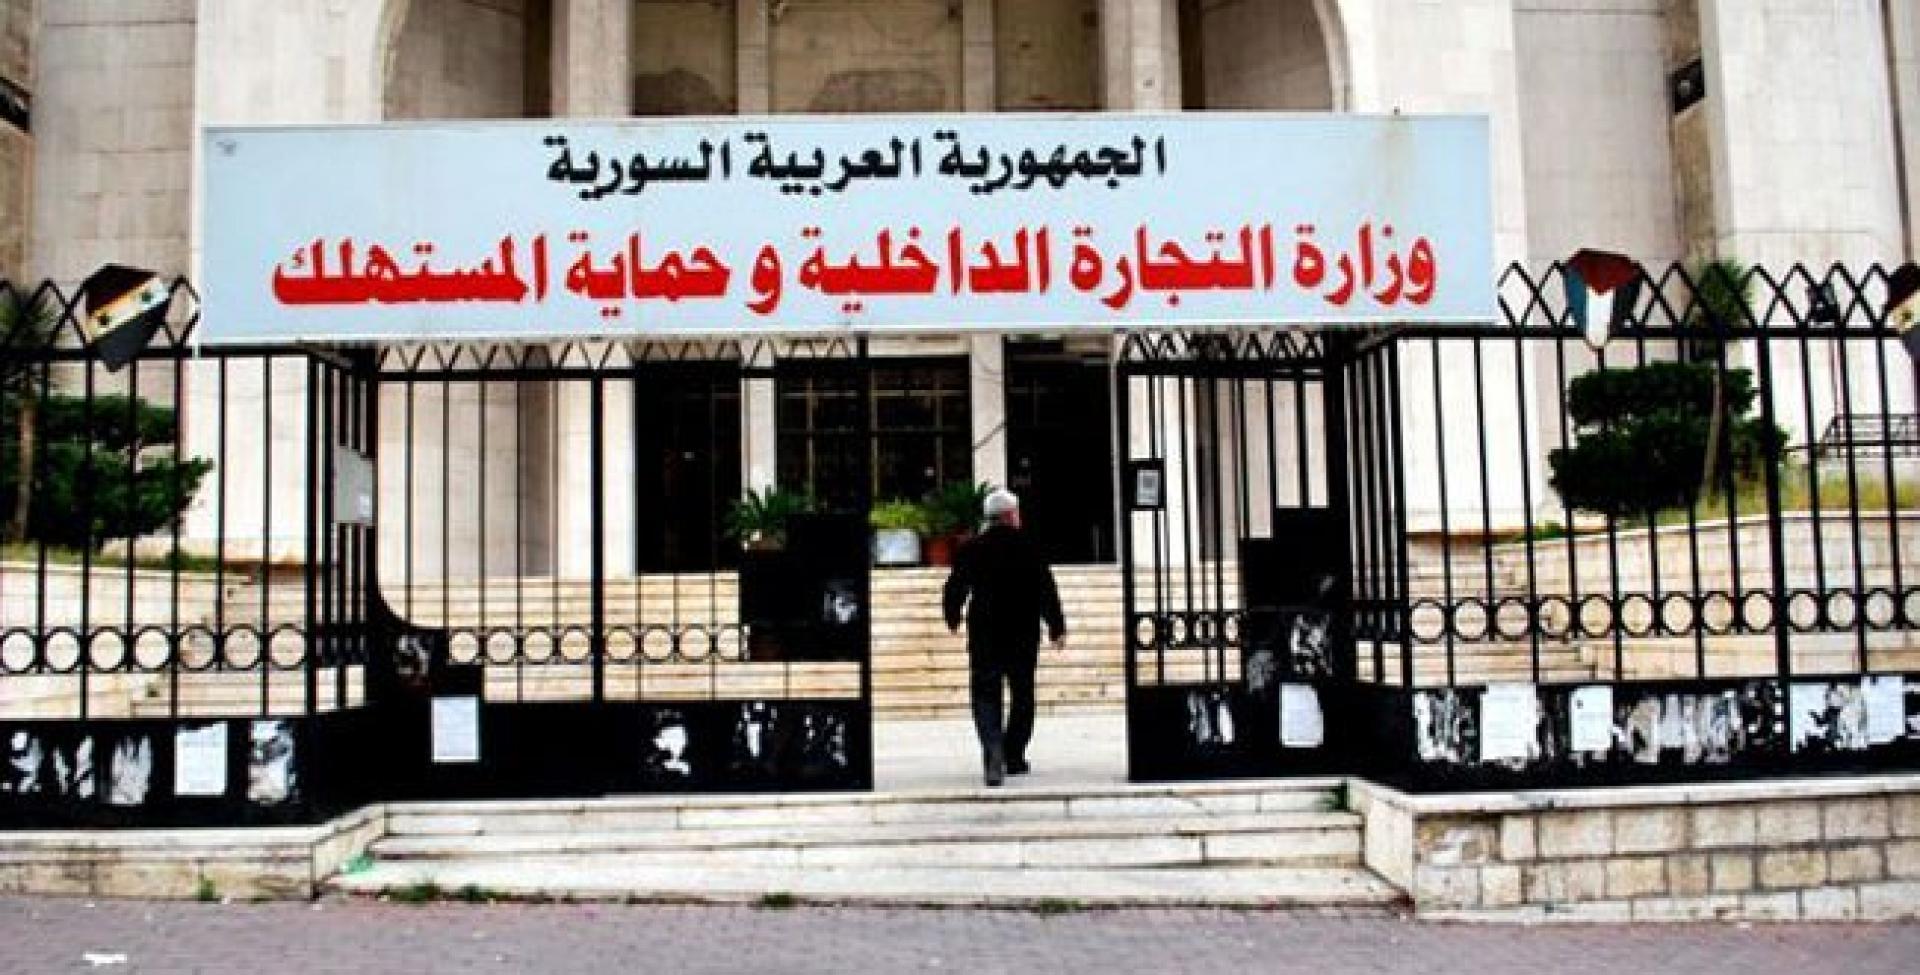 دمشق… رفع أسعار الخضار بنسبة أكثر من 20%